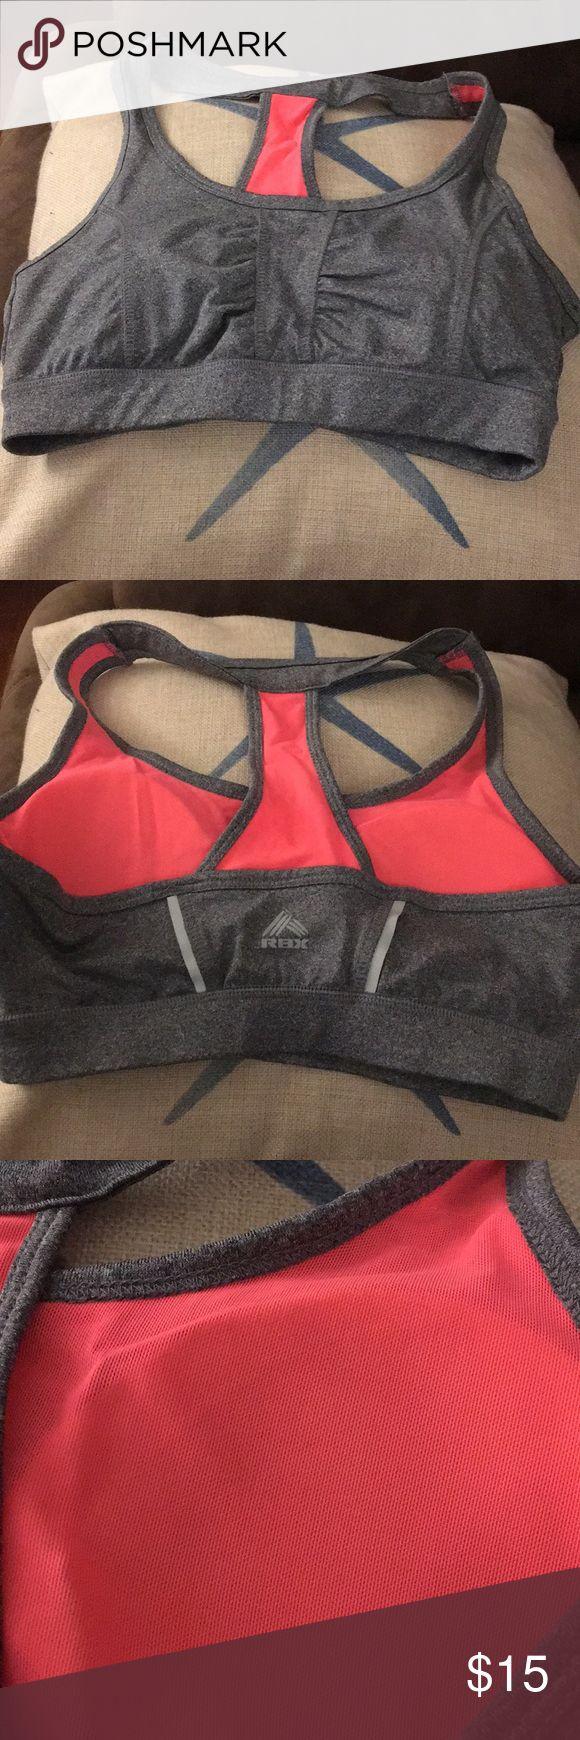 RBX hot pink/grey sports bra like new condition. RBX Intimates & Sleepwear Bras